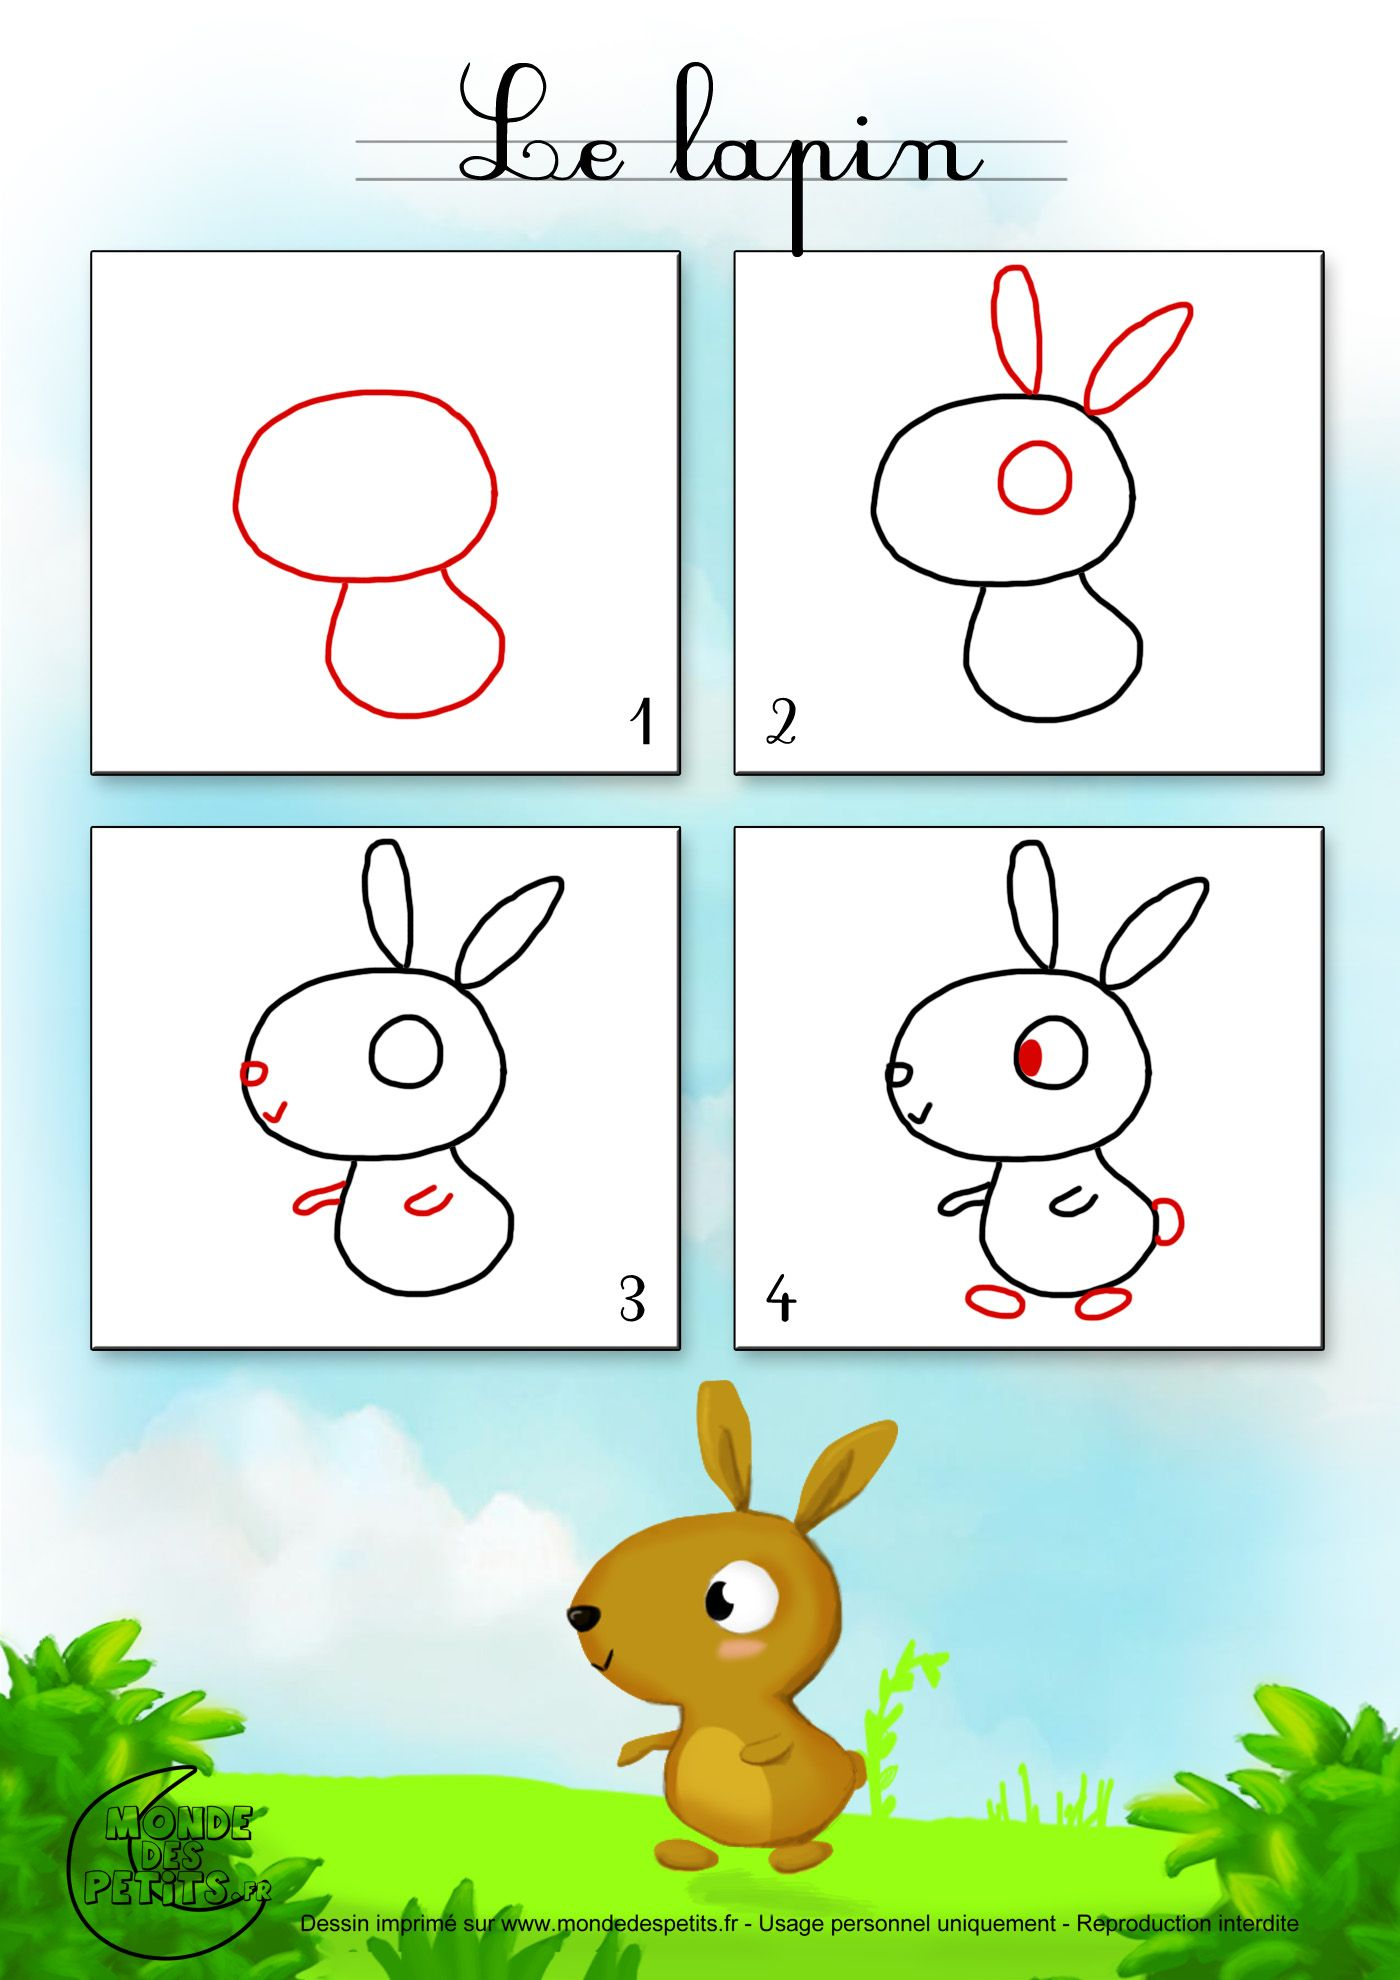 Dessin2 comment dessiner un lapin colouring for adults - Dessin un lapin ...